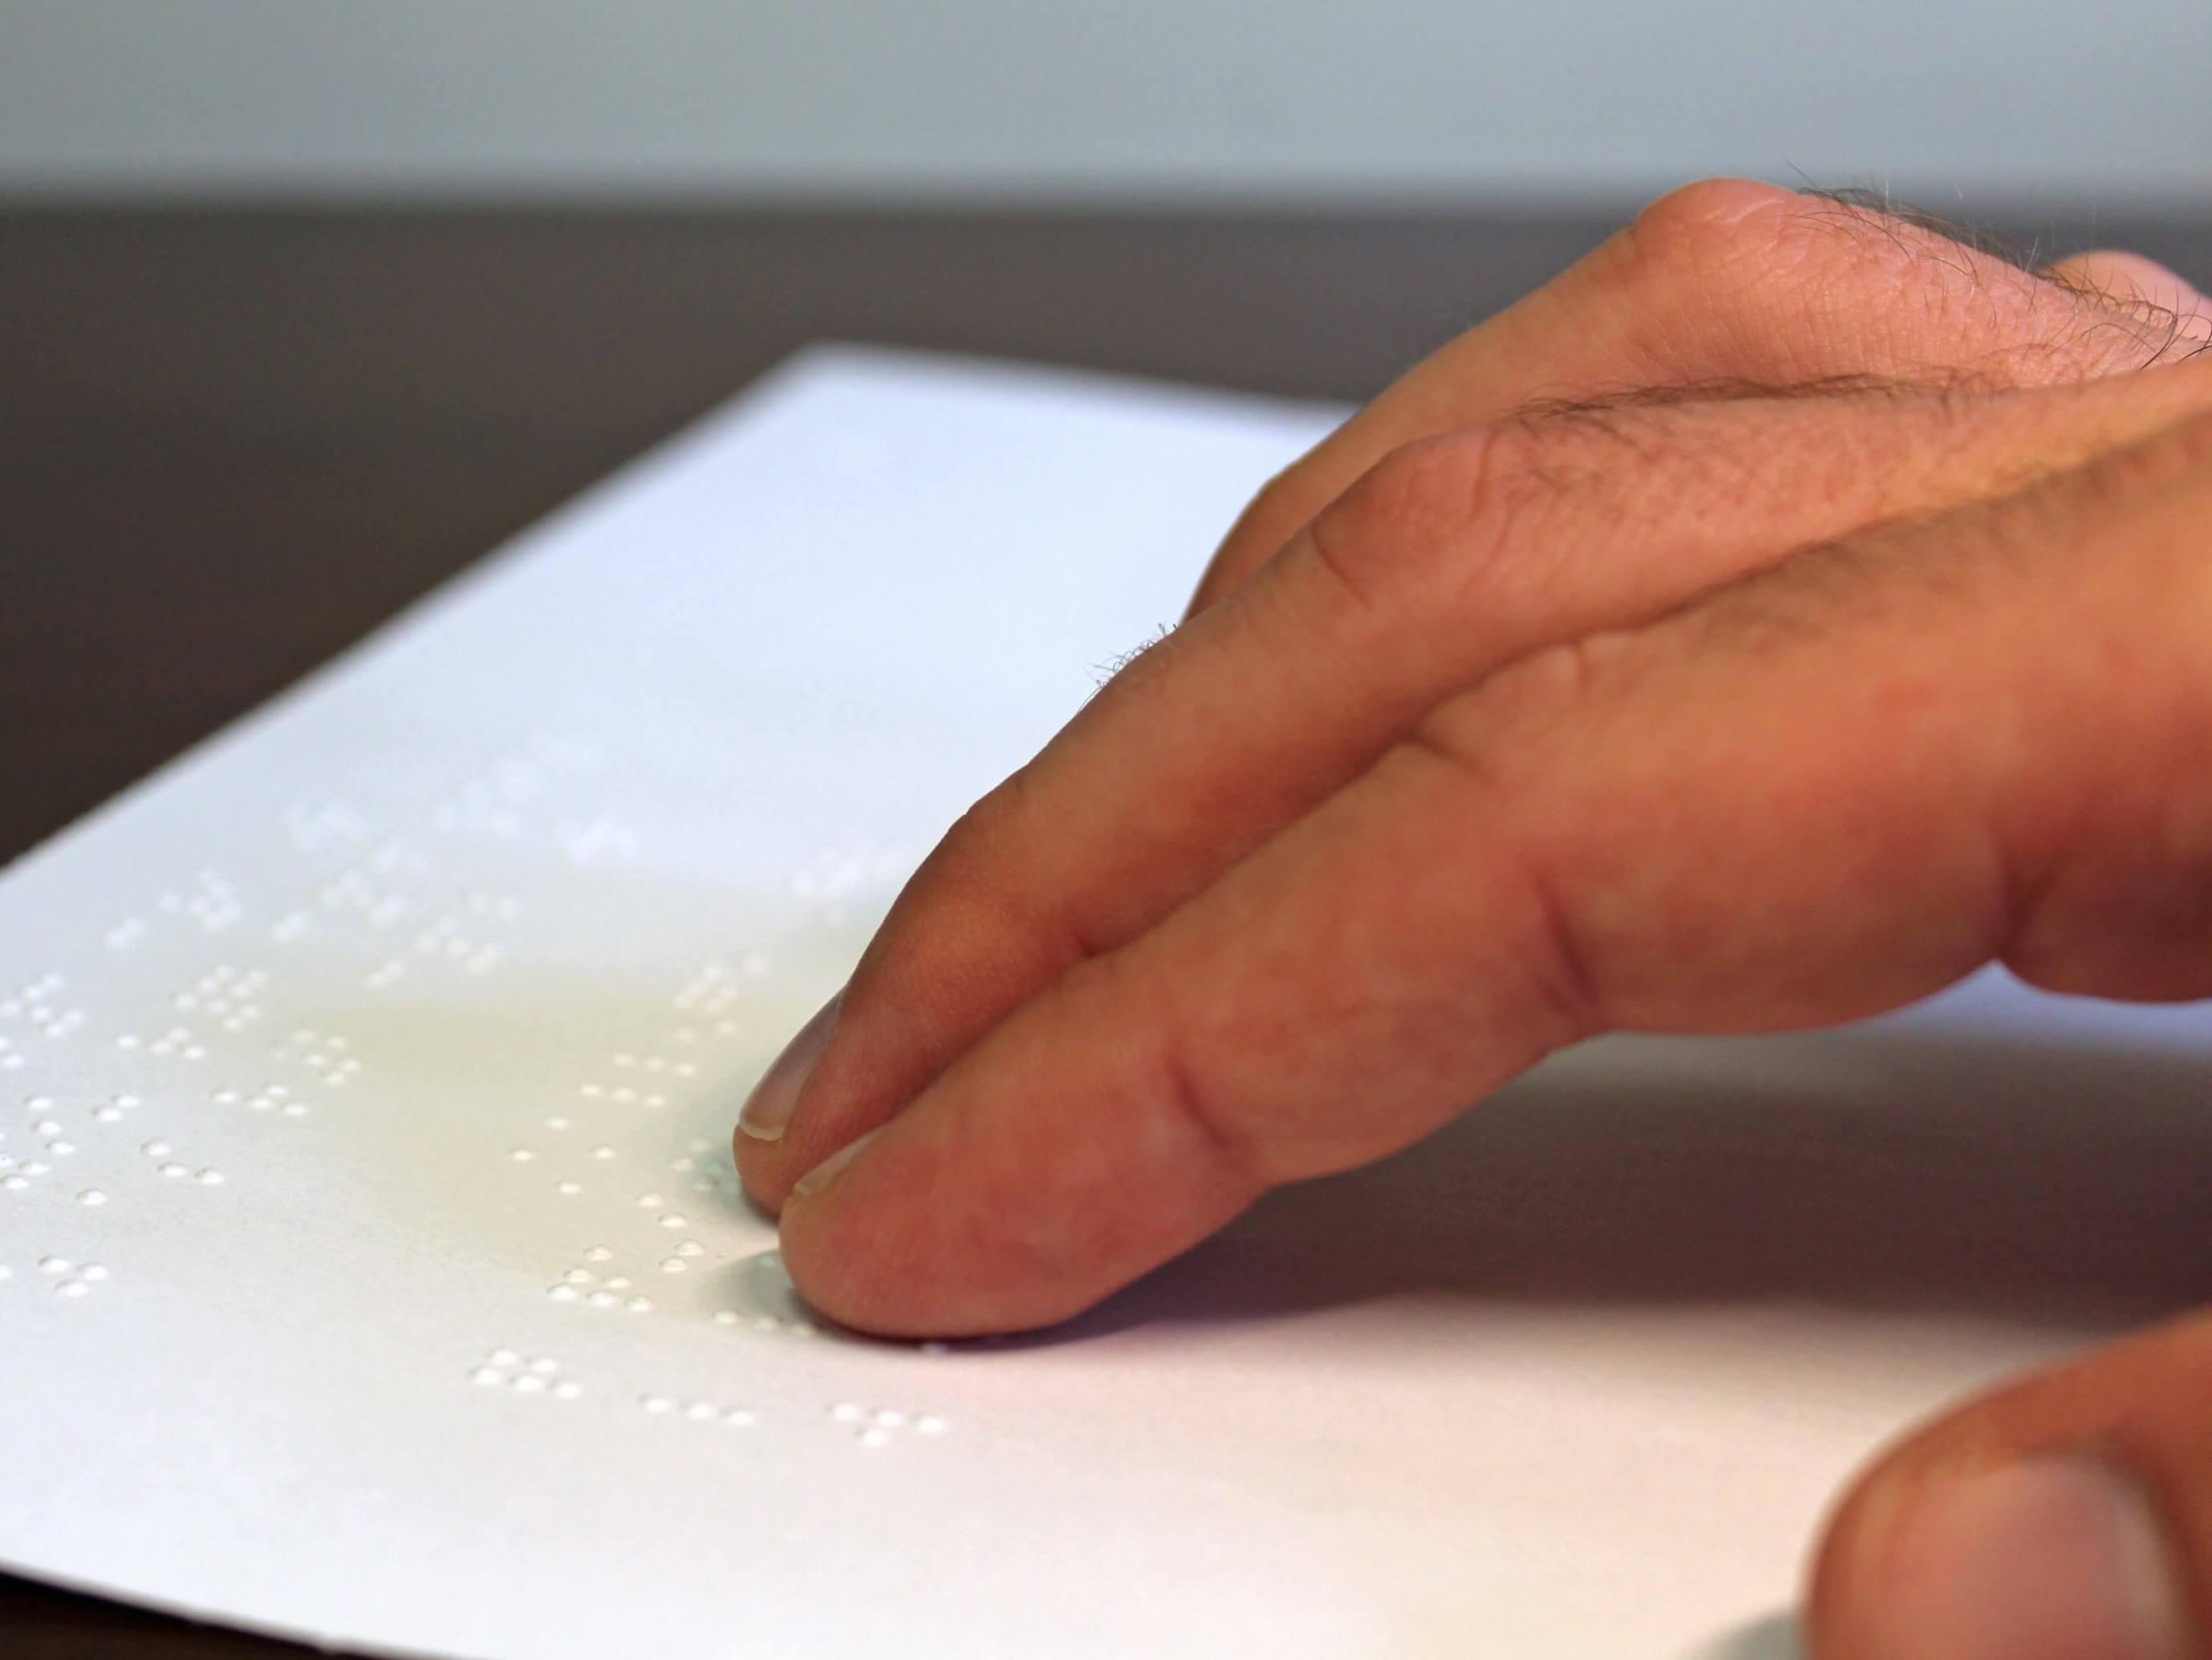 A man reads a braille sheet.